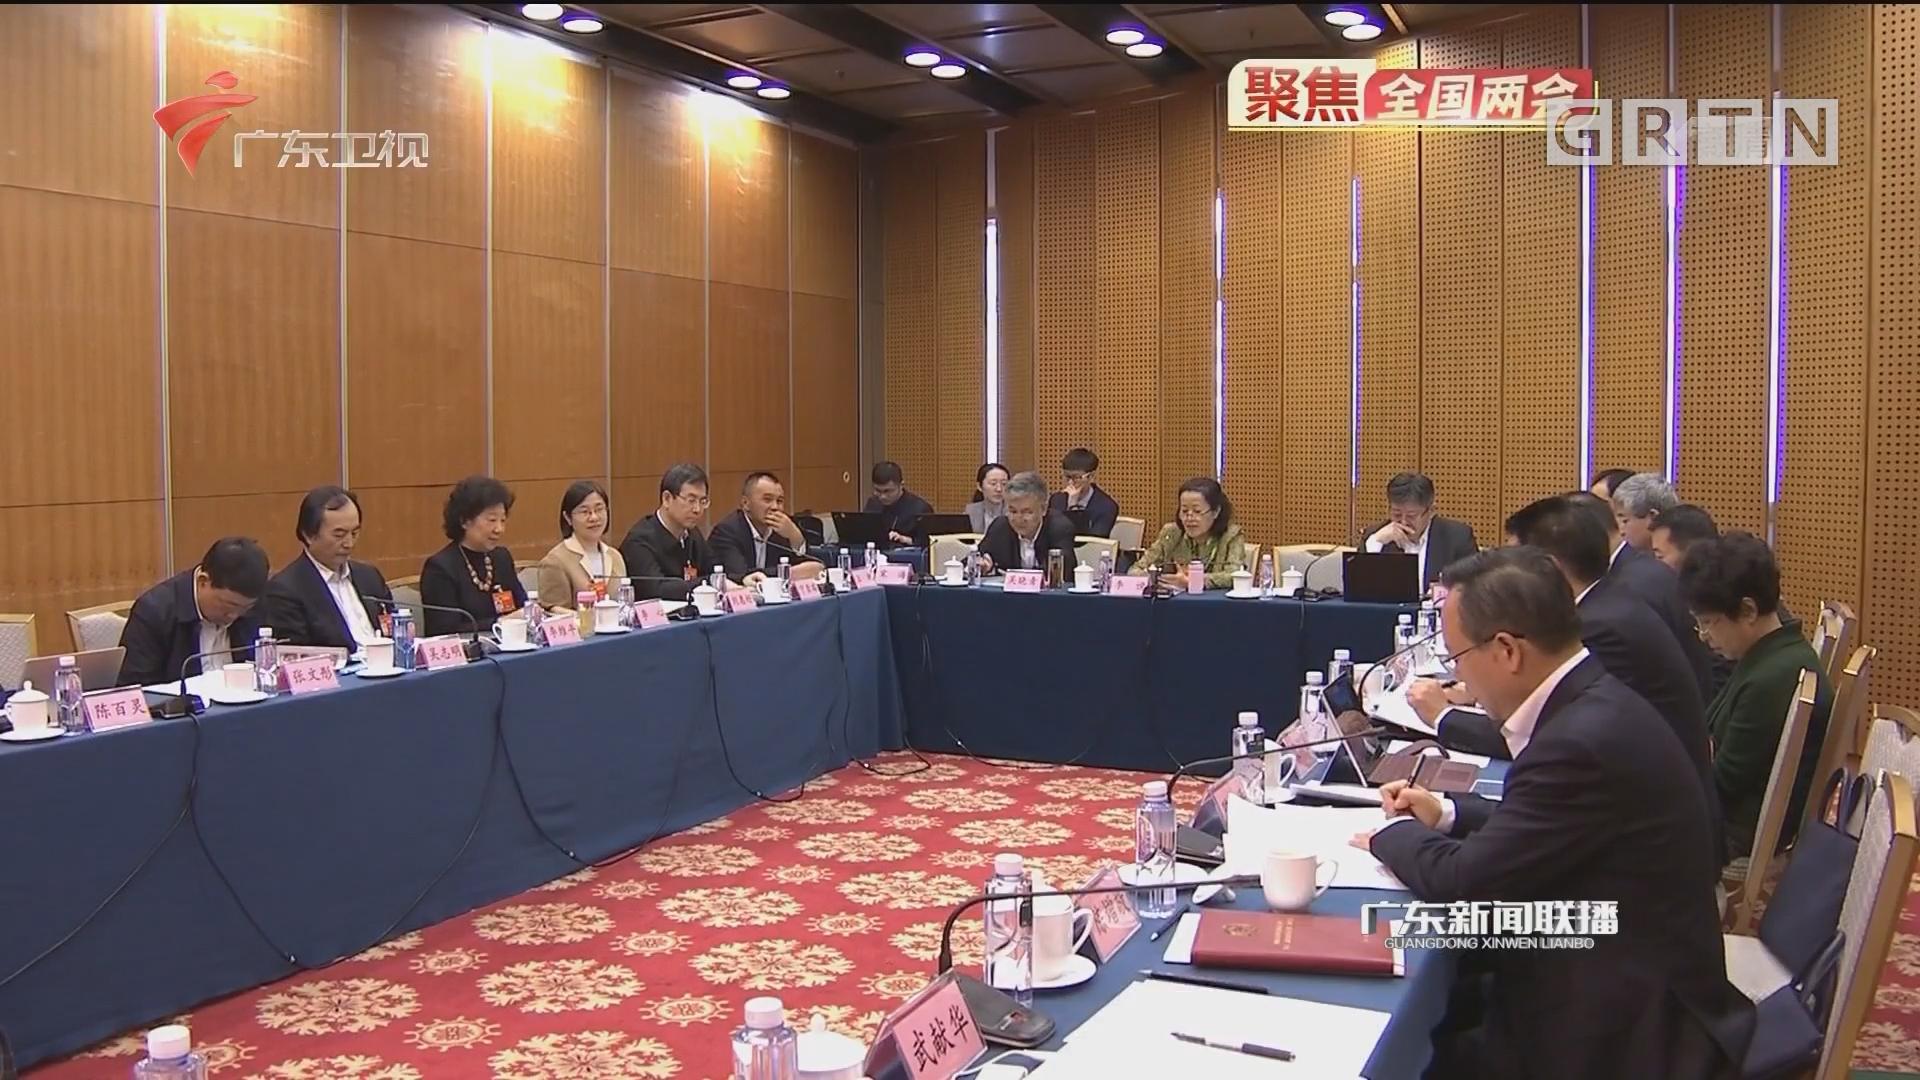 政协委员继续分组讨论政府工作报告